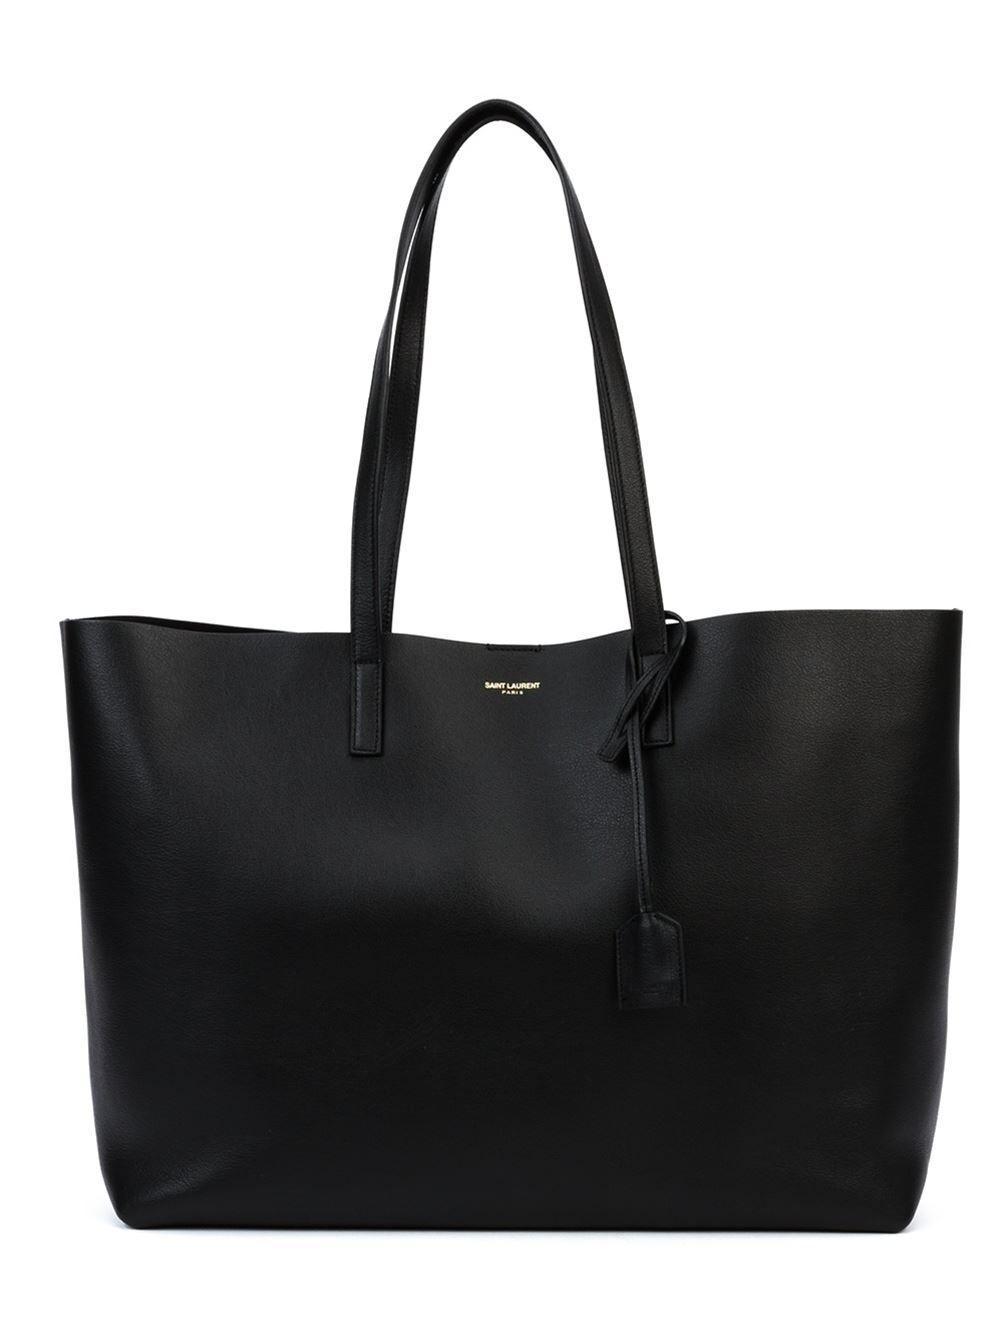 saint laurent large leather shopper tote in black lyst. Black Bedroom Furniture Sets. Home Design Ideas